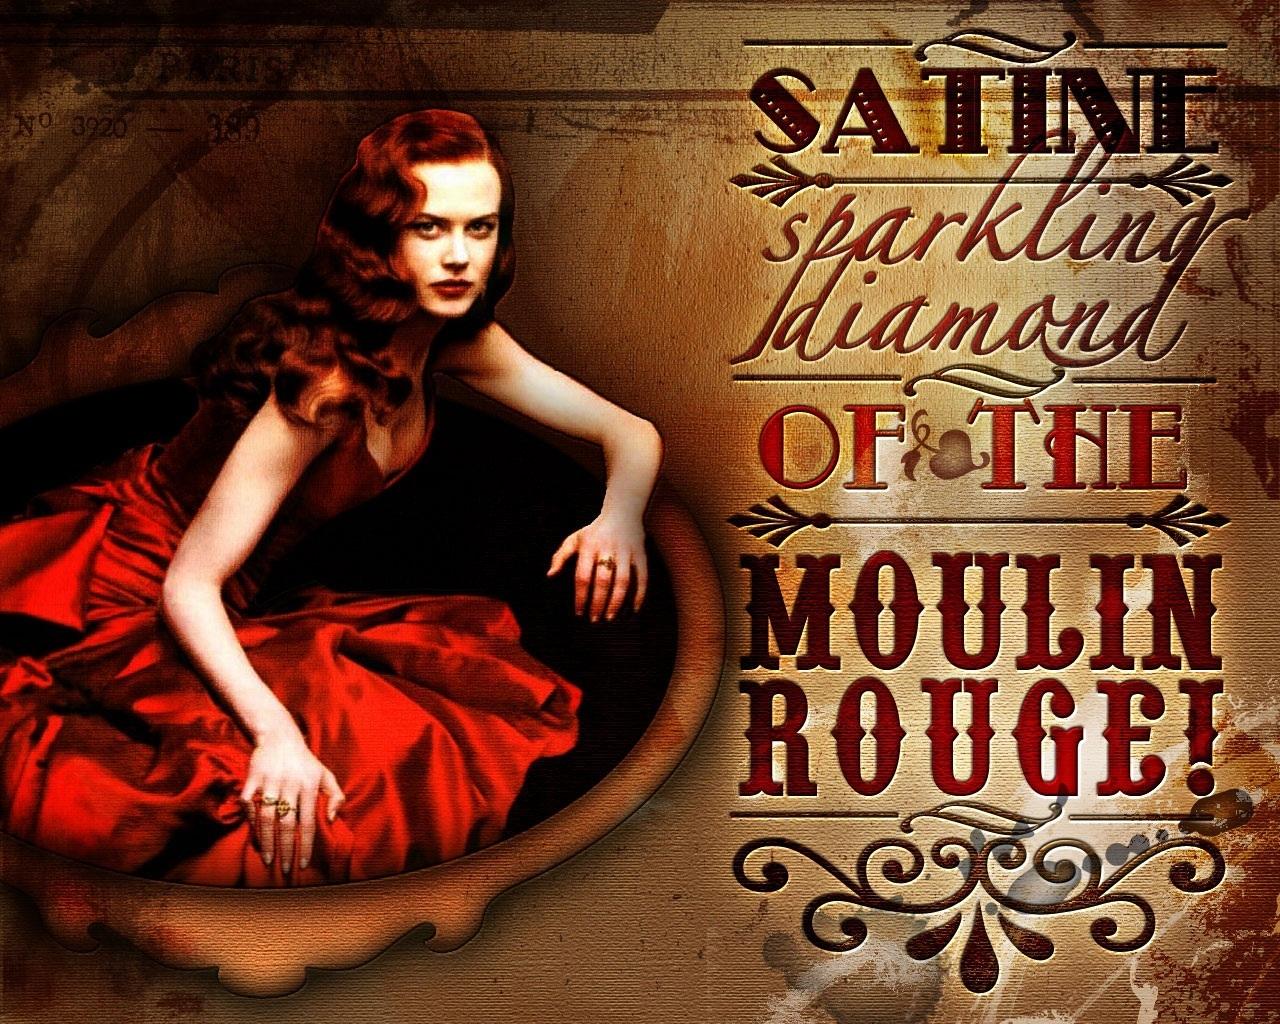 Moulin Rouge - Moulin Rouge Wallpaper (21135886) - Fanpop